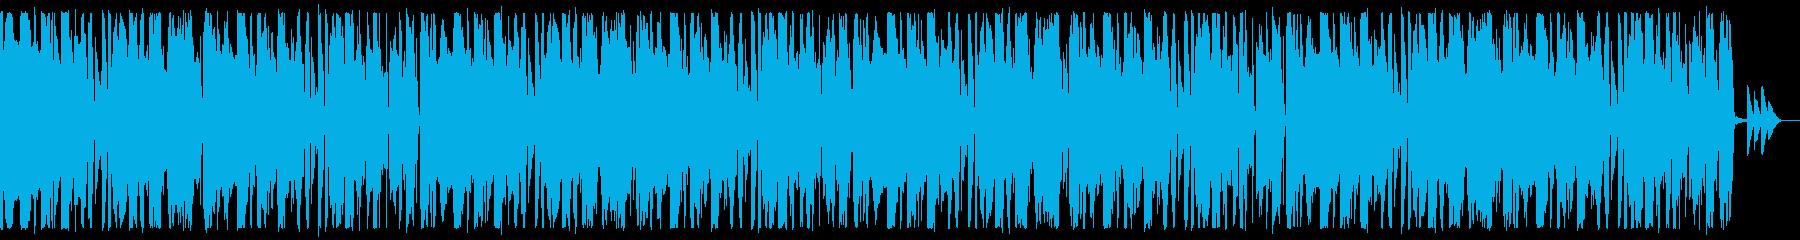 フューチャーベース_No627_5の再生済みの波形